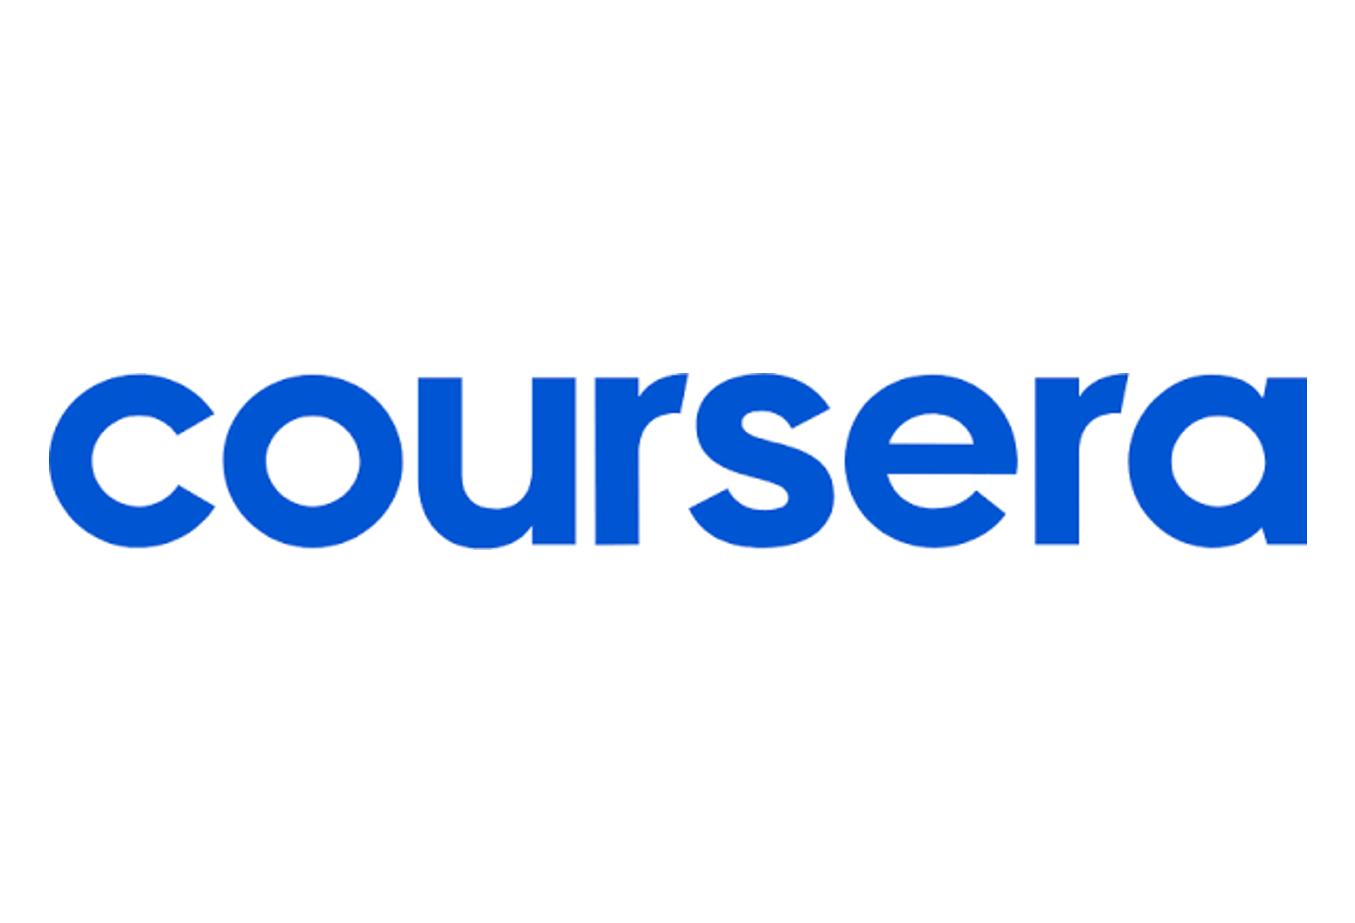 Logo - Coursera 2